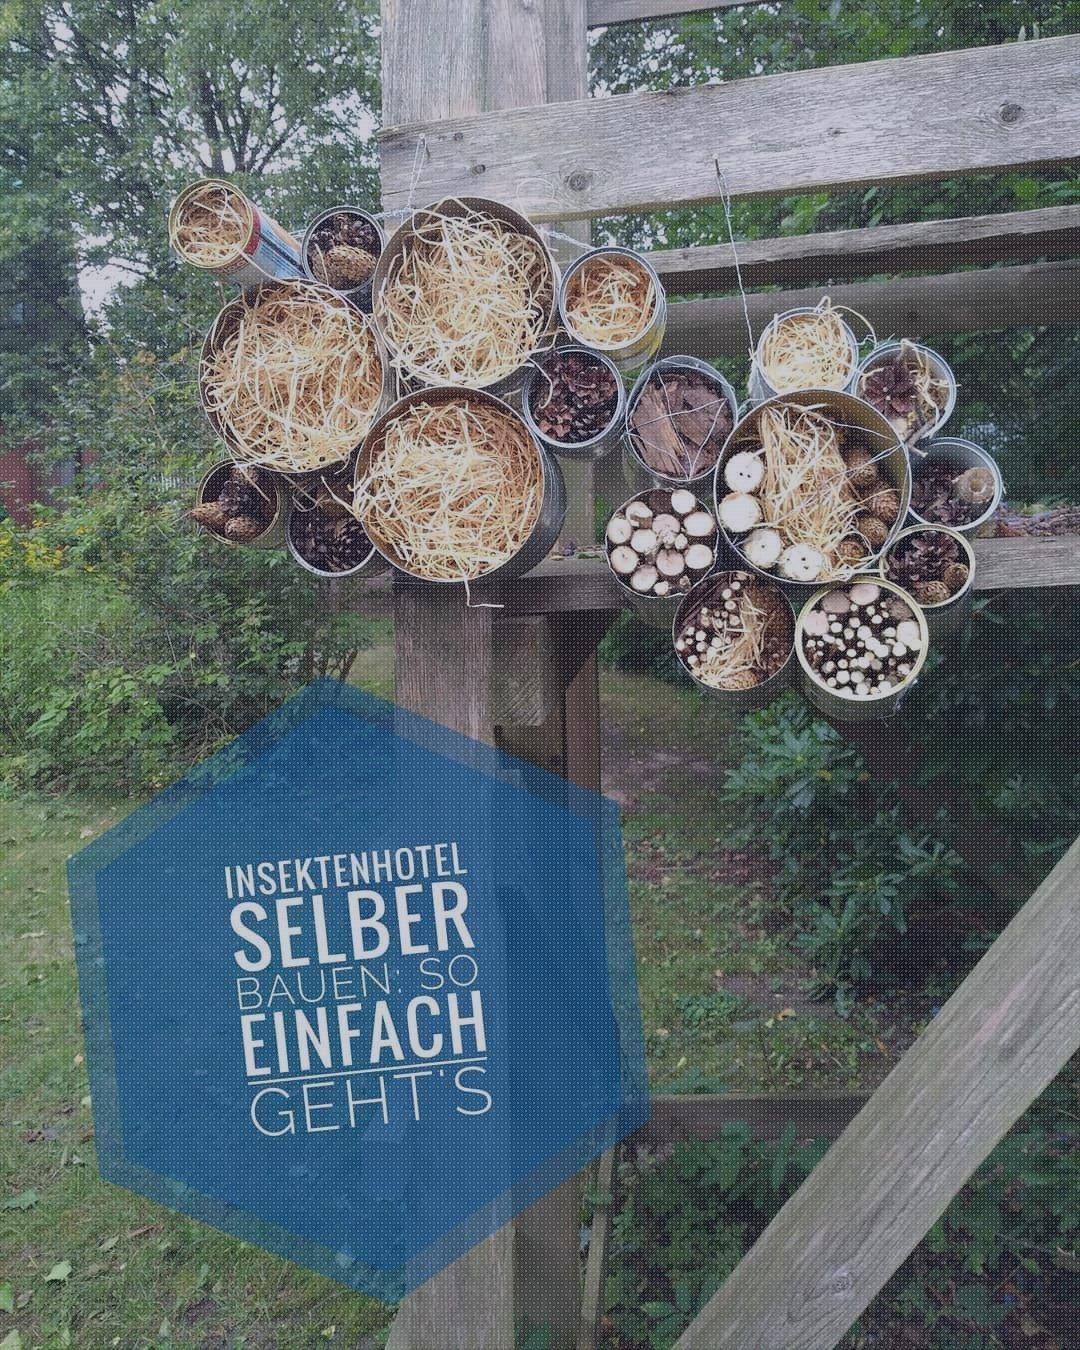 Wir haben auf dem Gemeindefest von St. Petri ein upcycling Insektenhotel gebaut...., #Garten...